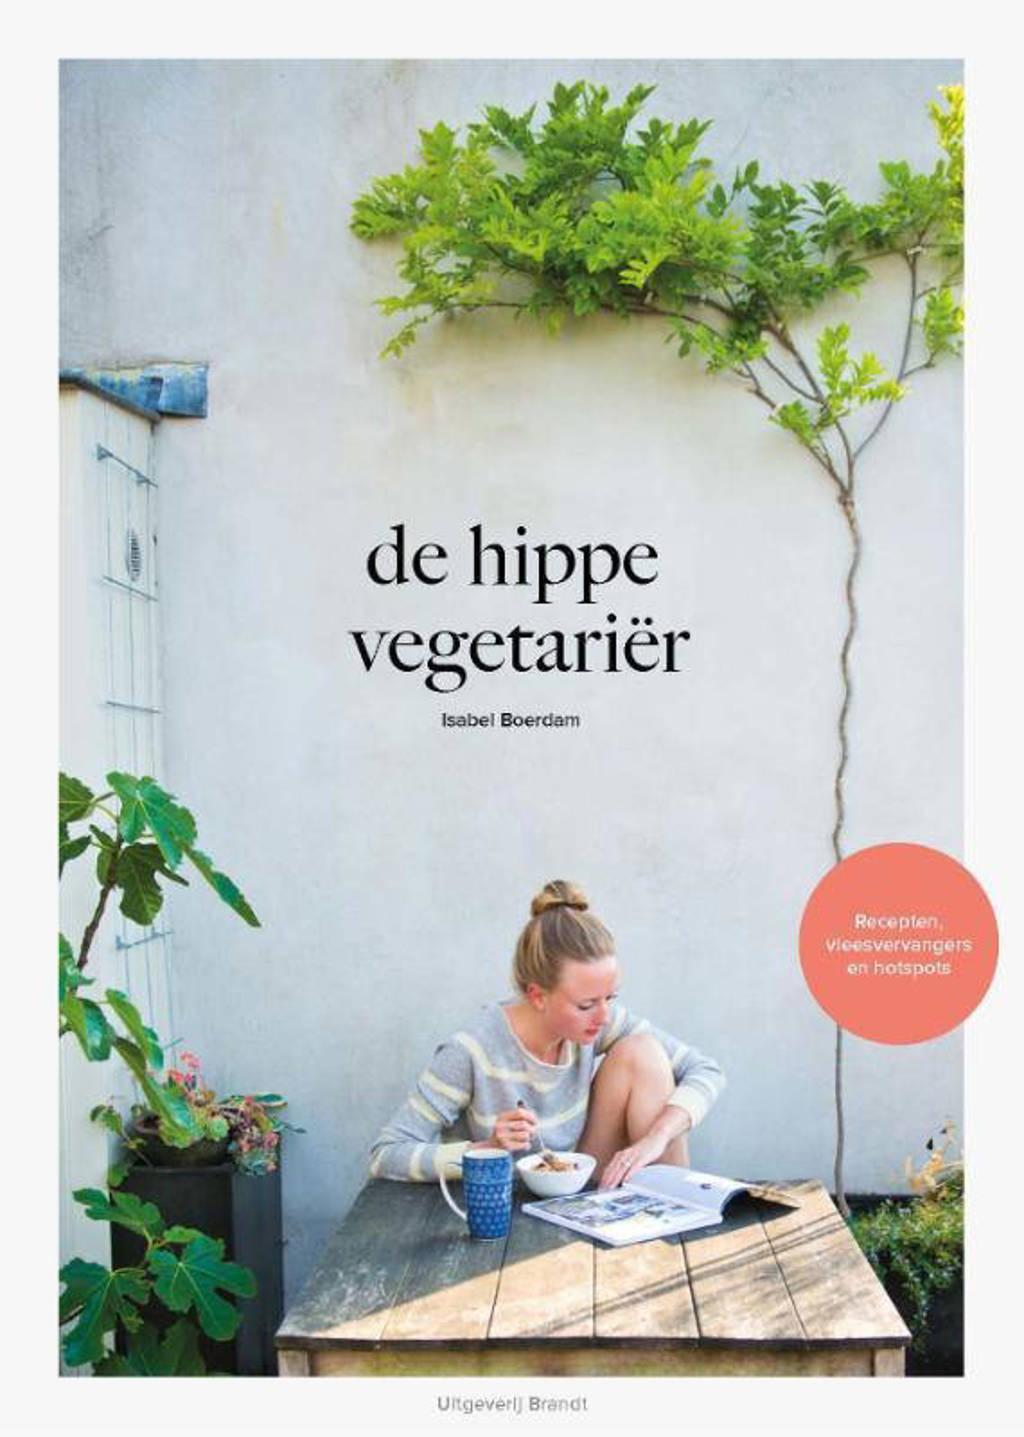 De hippe vegetariër - Isabel Boerdam